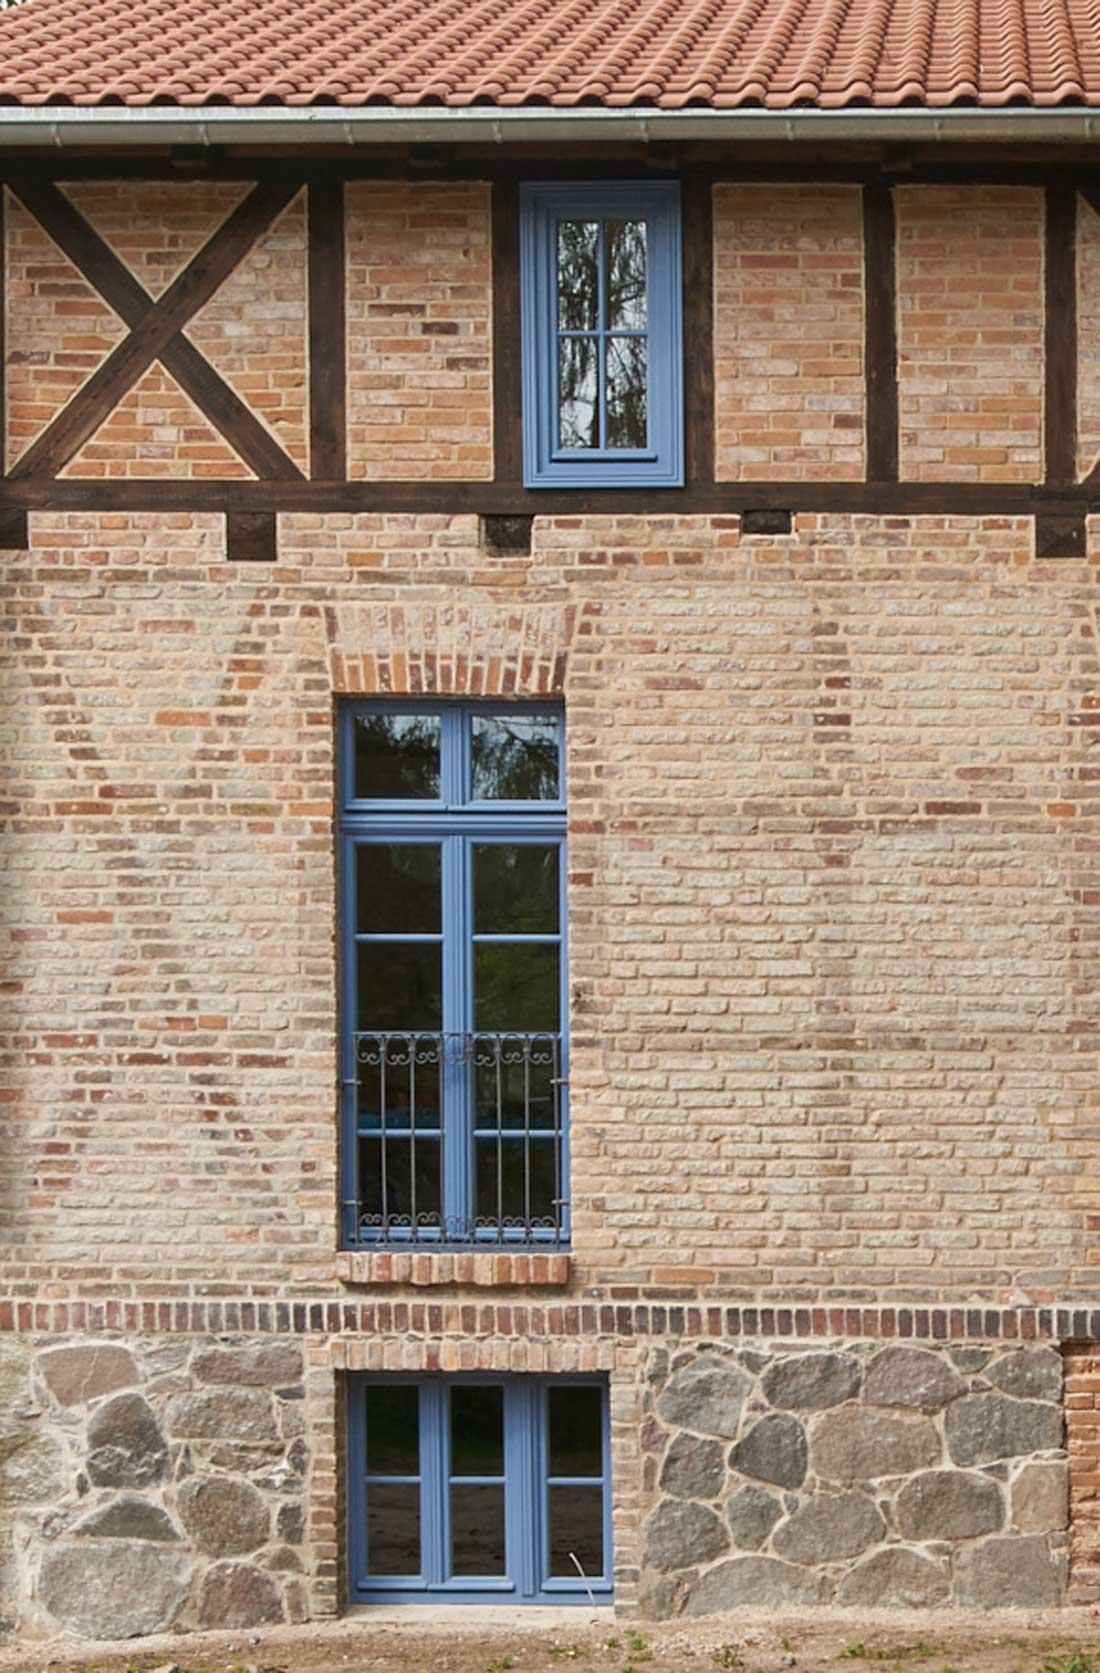 Gabriele Riesner, Architektin, Arnimswalde/Uckermark, Umbau eines Vorwerkes, Detail Südfassade